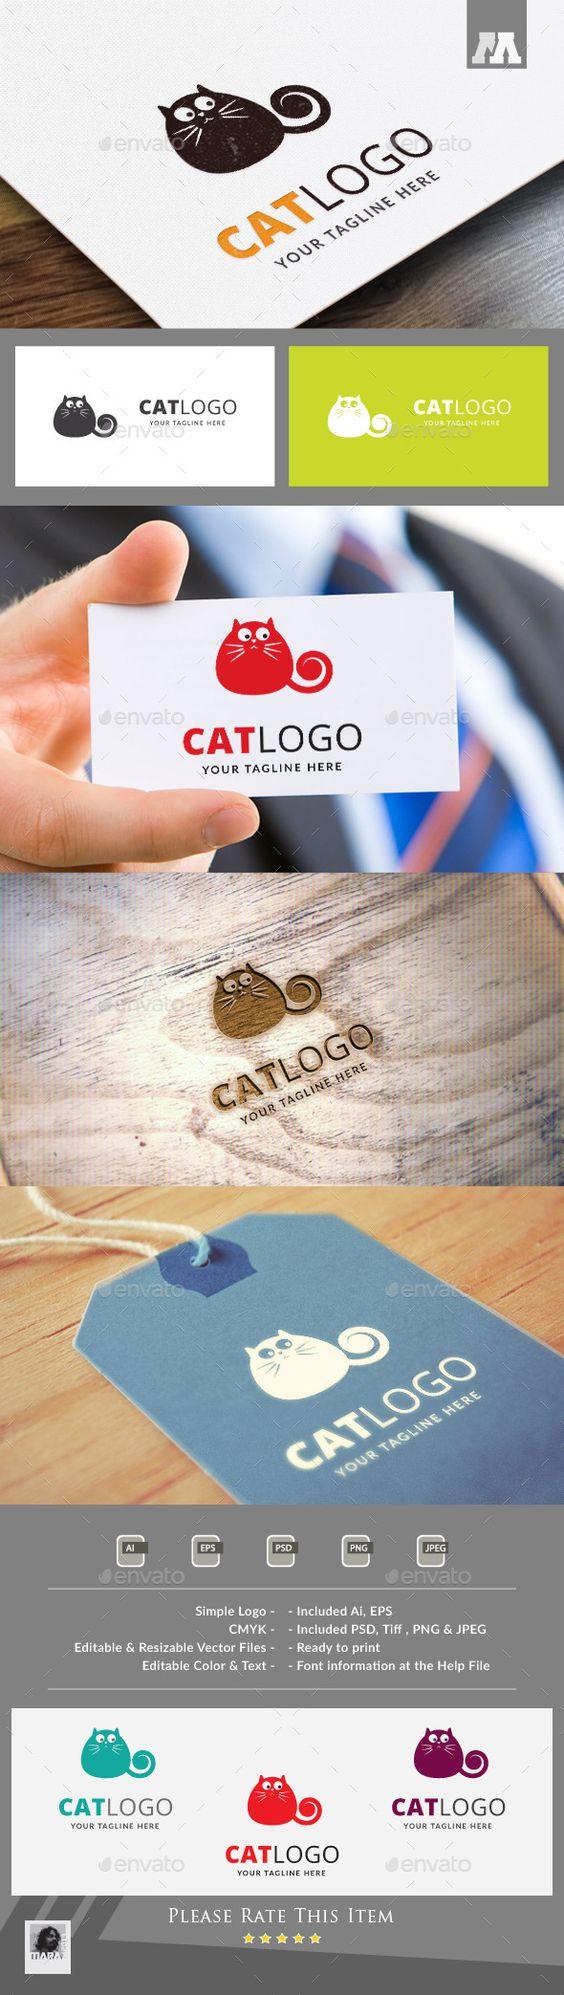 Logotipos con gatitos aptos para muchos tipos de negocio, como clínicas veterinarias, cuidadores, creativos, tiendas de ropa, etc.